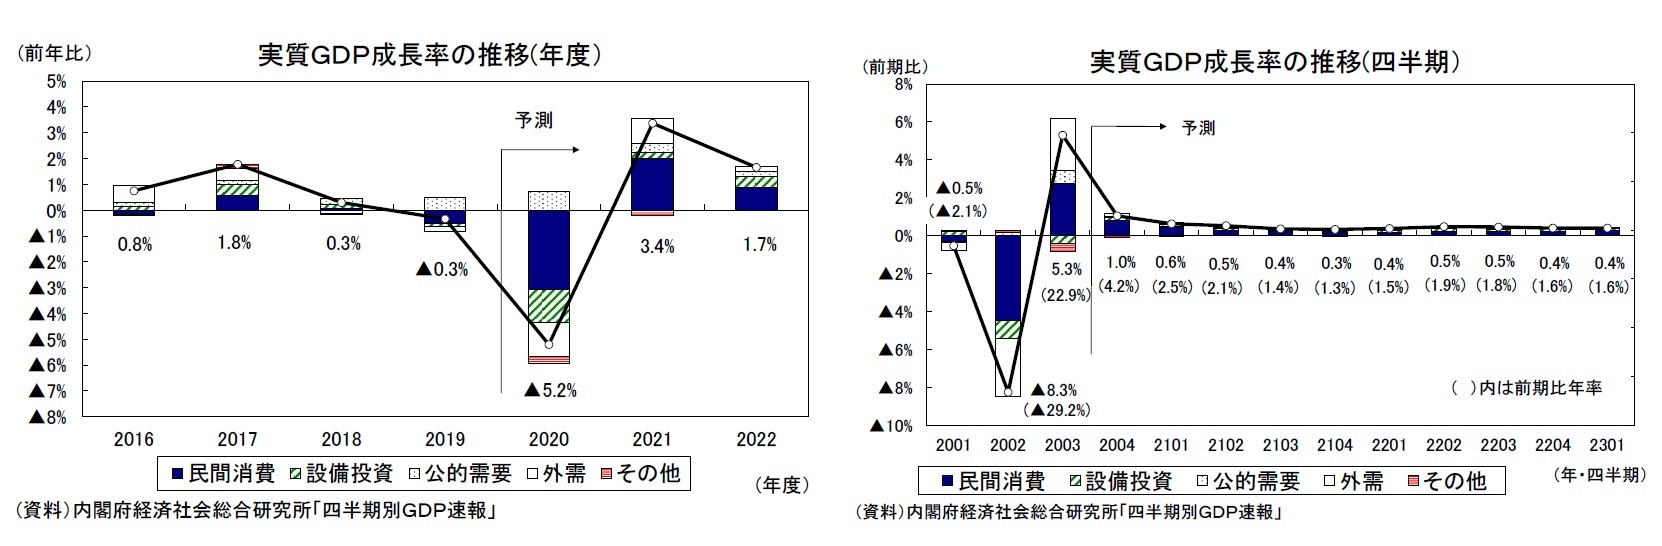 実質GDP成長率の推移(年度)/実質GDP成長率の推移(四半期)